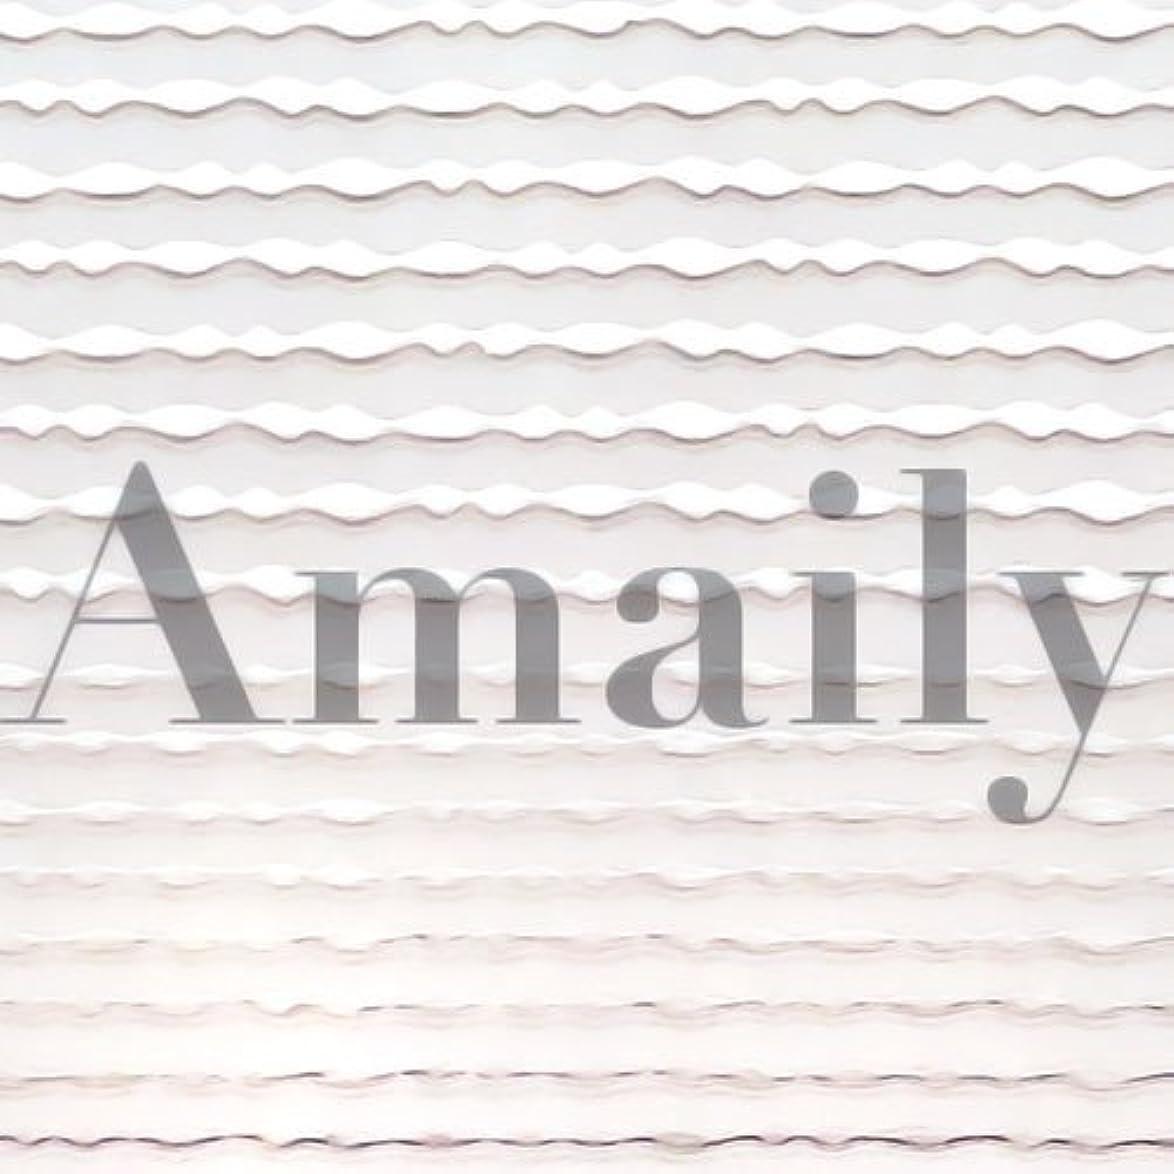 取得するアダルト繰り返すAmaily(アメイリー)波ライン シルバー【ネイルアート、ネイルシール、ネイル パーツ】